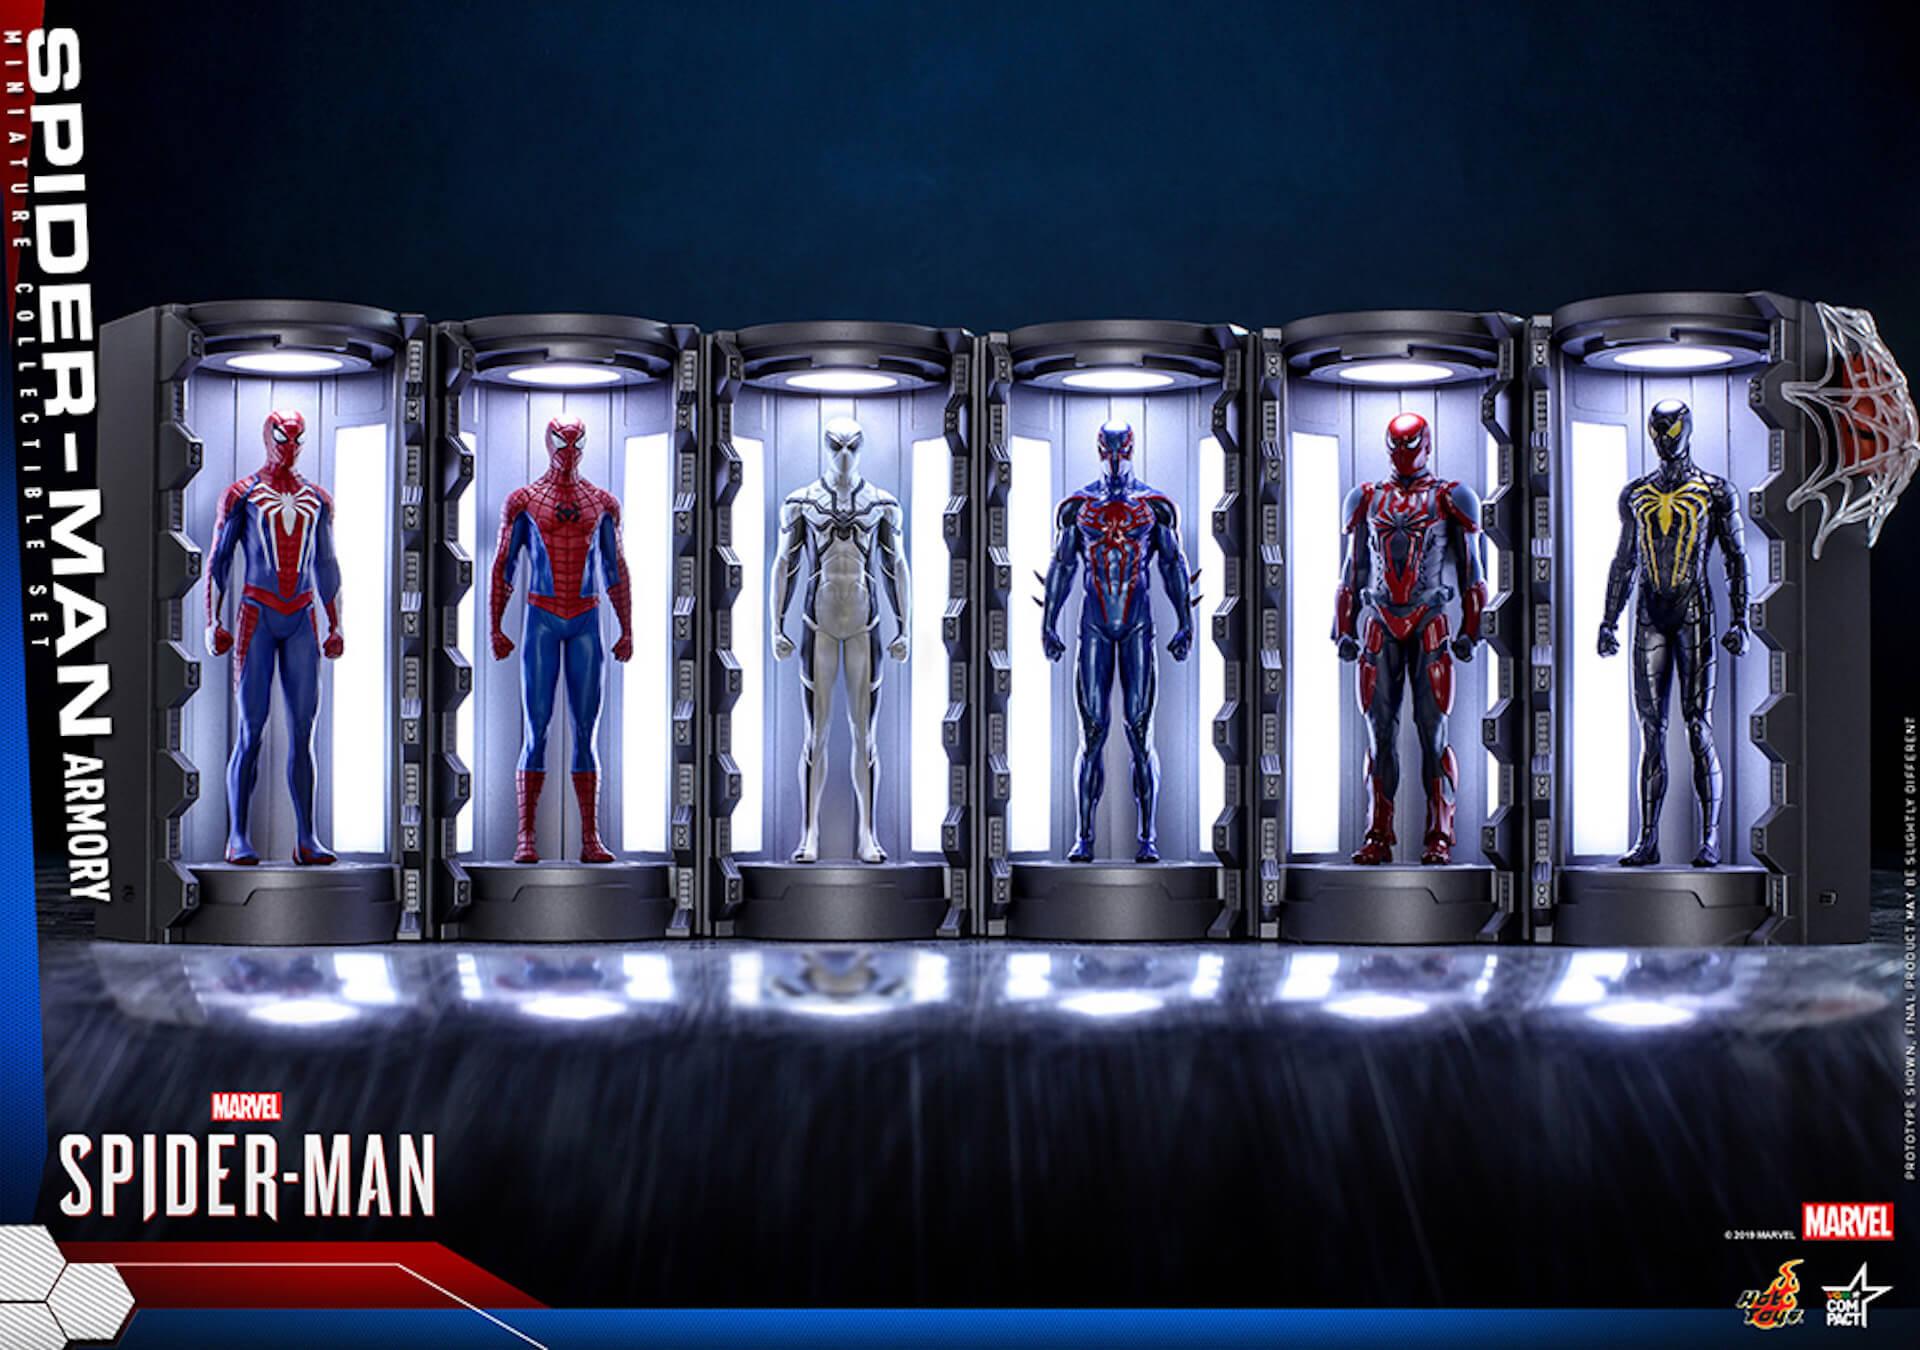 6つのスパイダーマン・スーツが勢ぞろい!大人気PS4用ゲームソフト『Marvel's Spider-Man』からミニチュア・フィギュアが登場 art200124_spiderman_hottoys_8